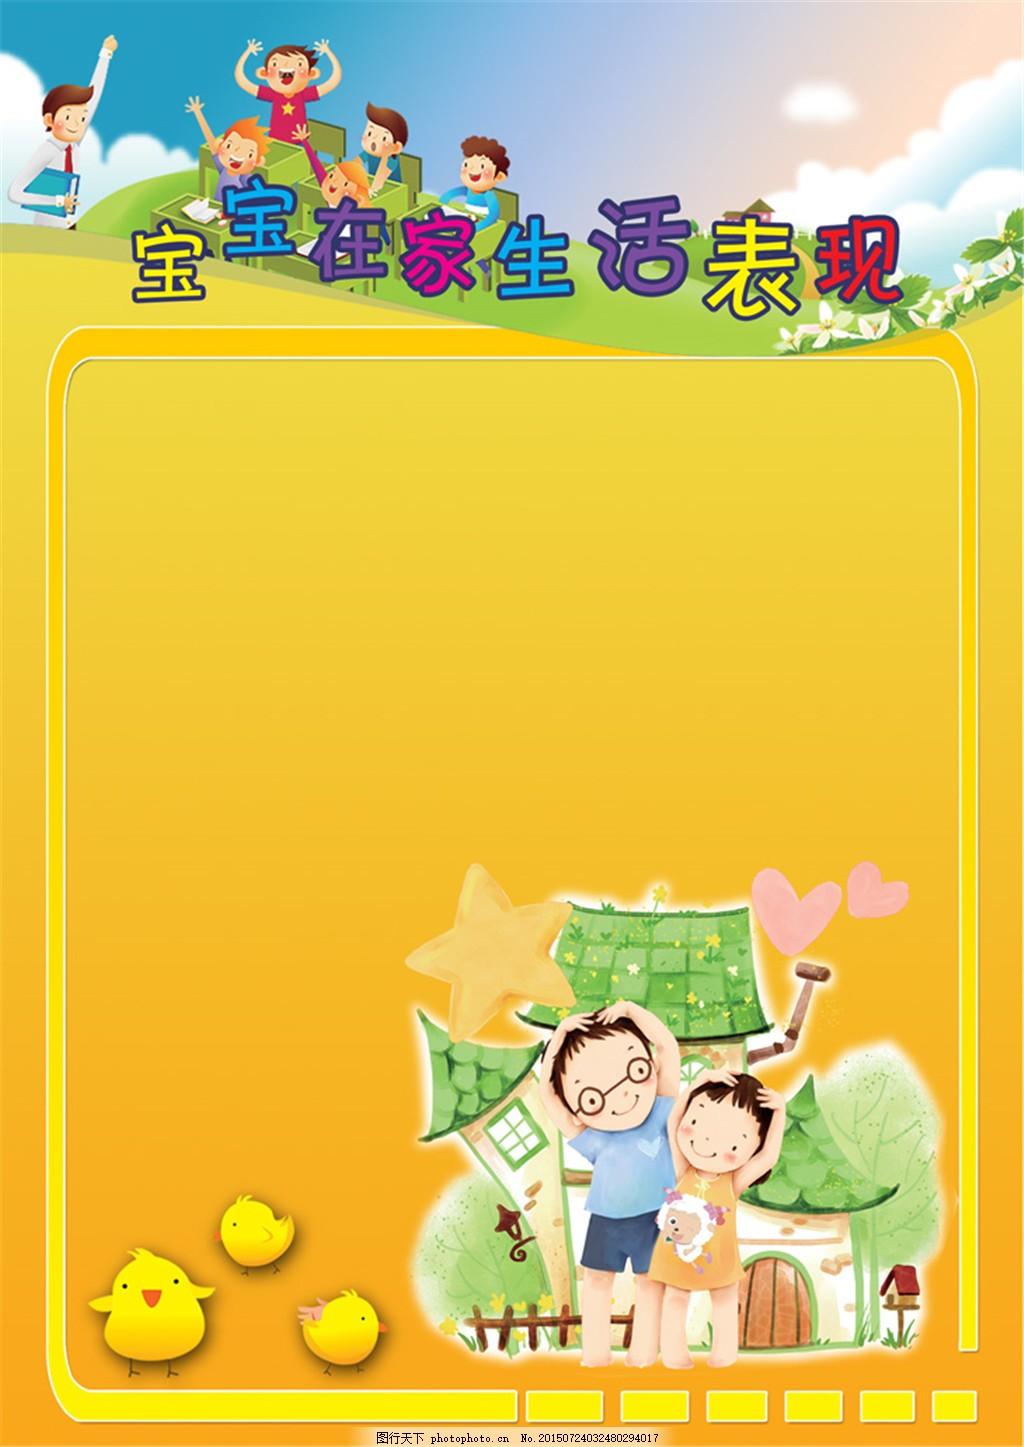 生活表现儿童幼儿园成长档案psd模板 宝宝照片 相册模板 源文件